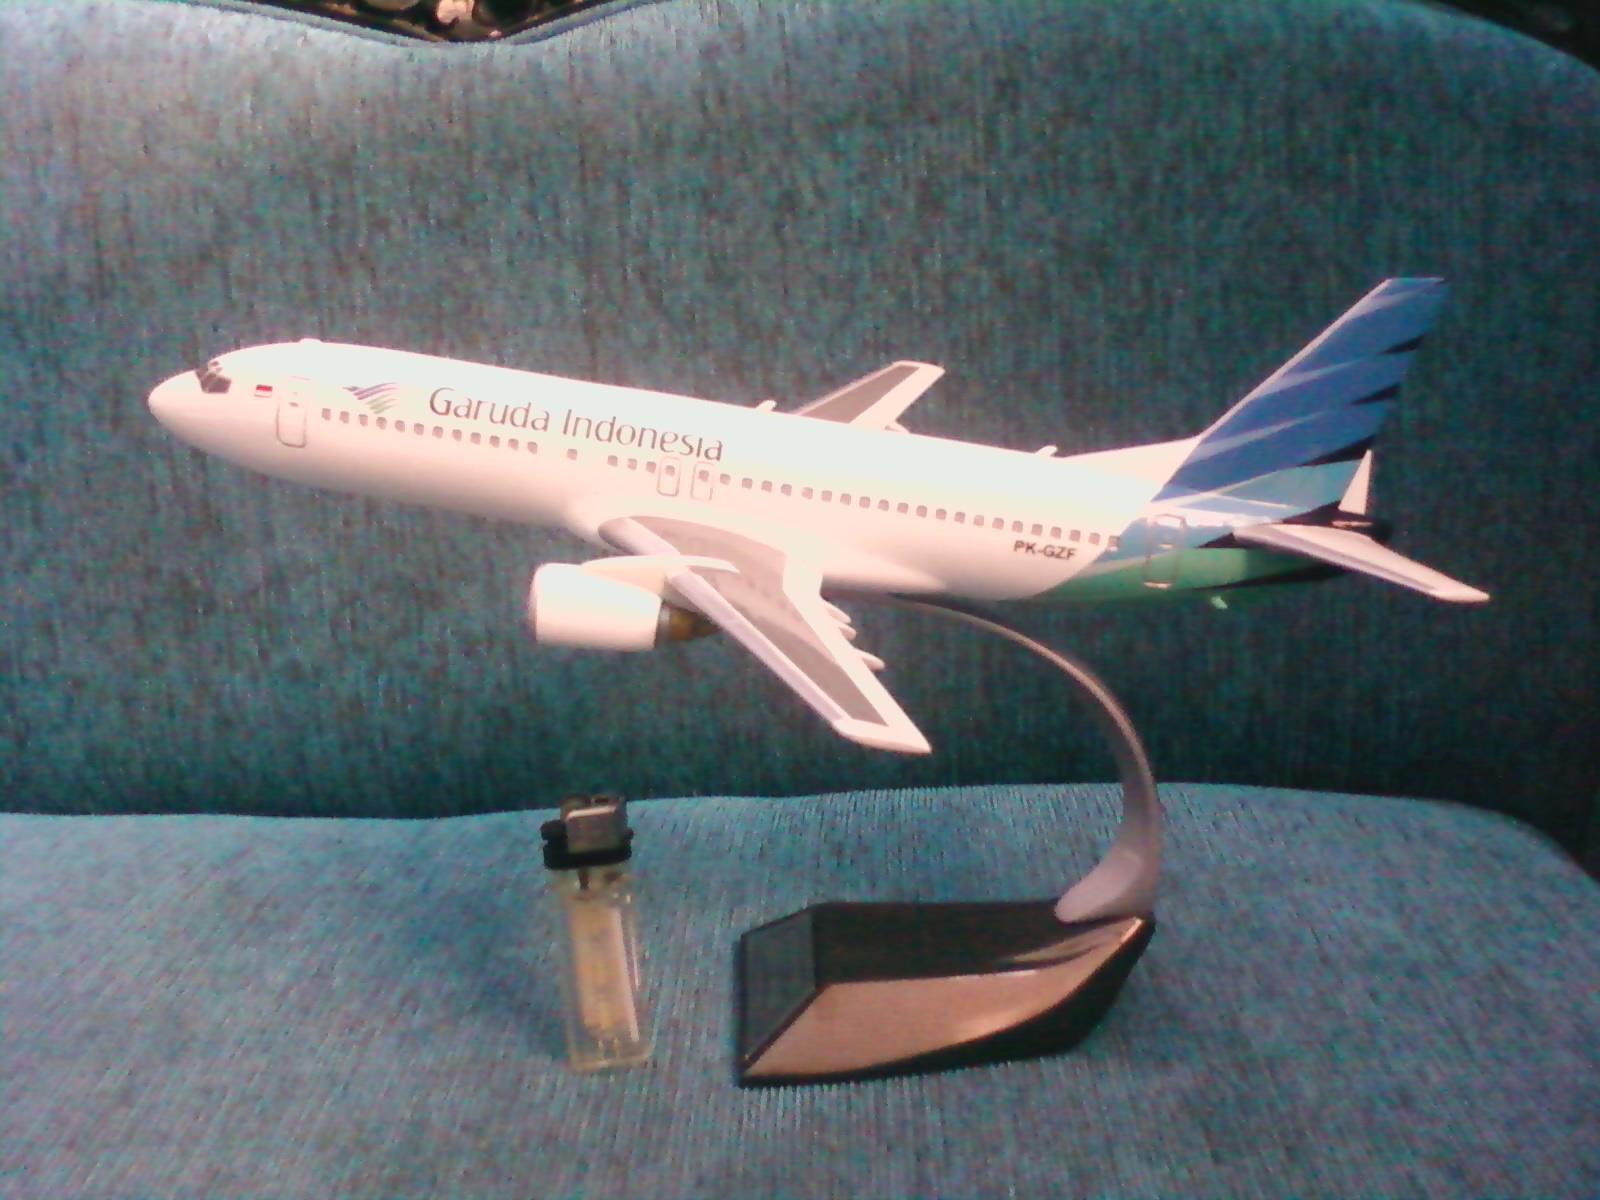 Miniatur Pesawat Diecast Citilink